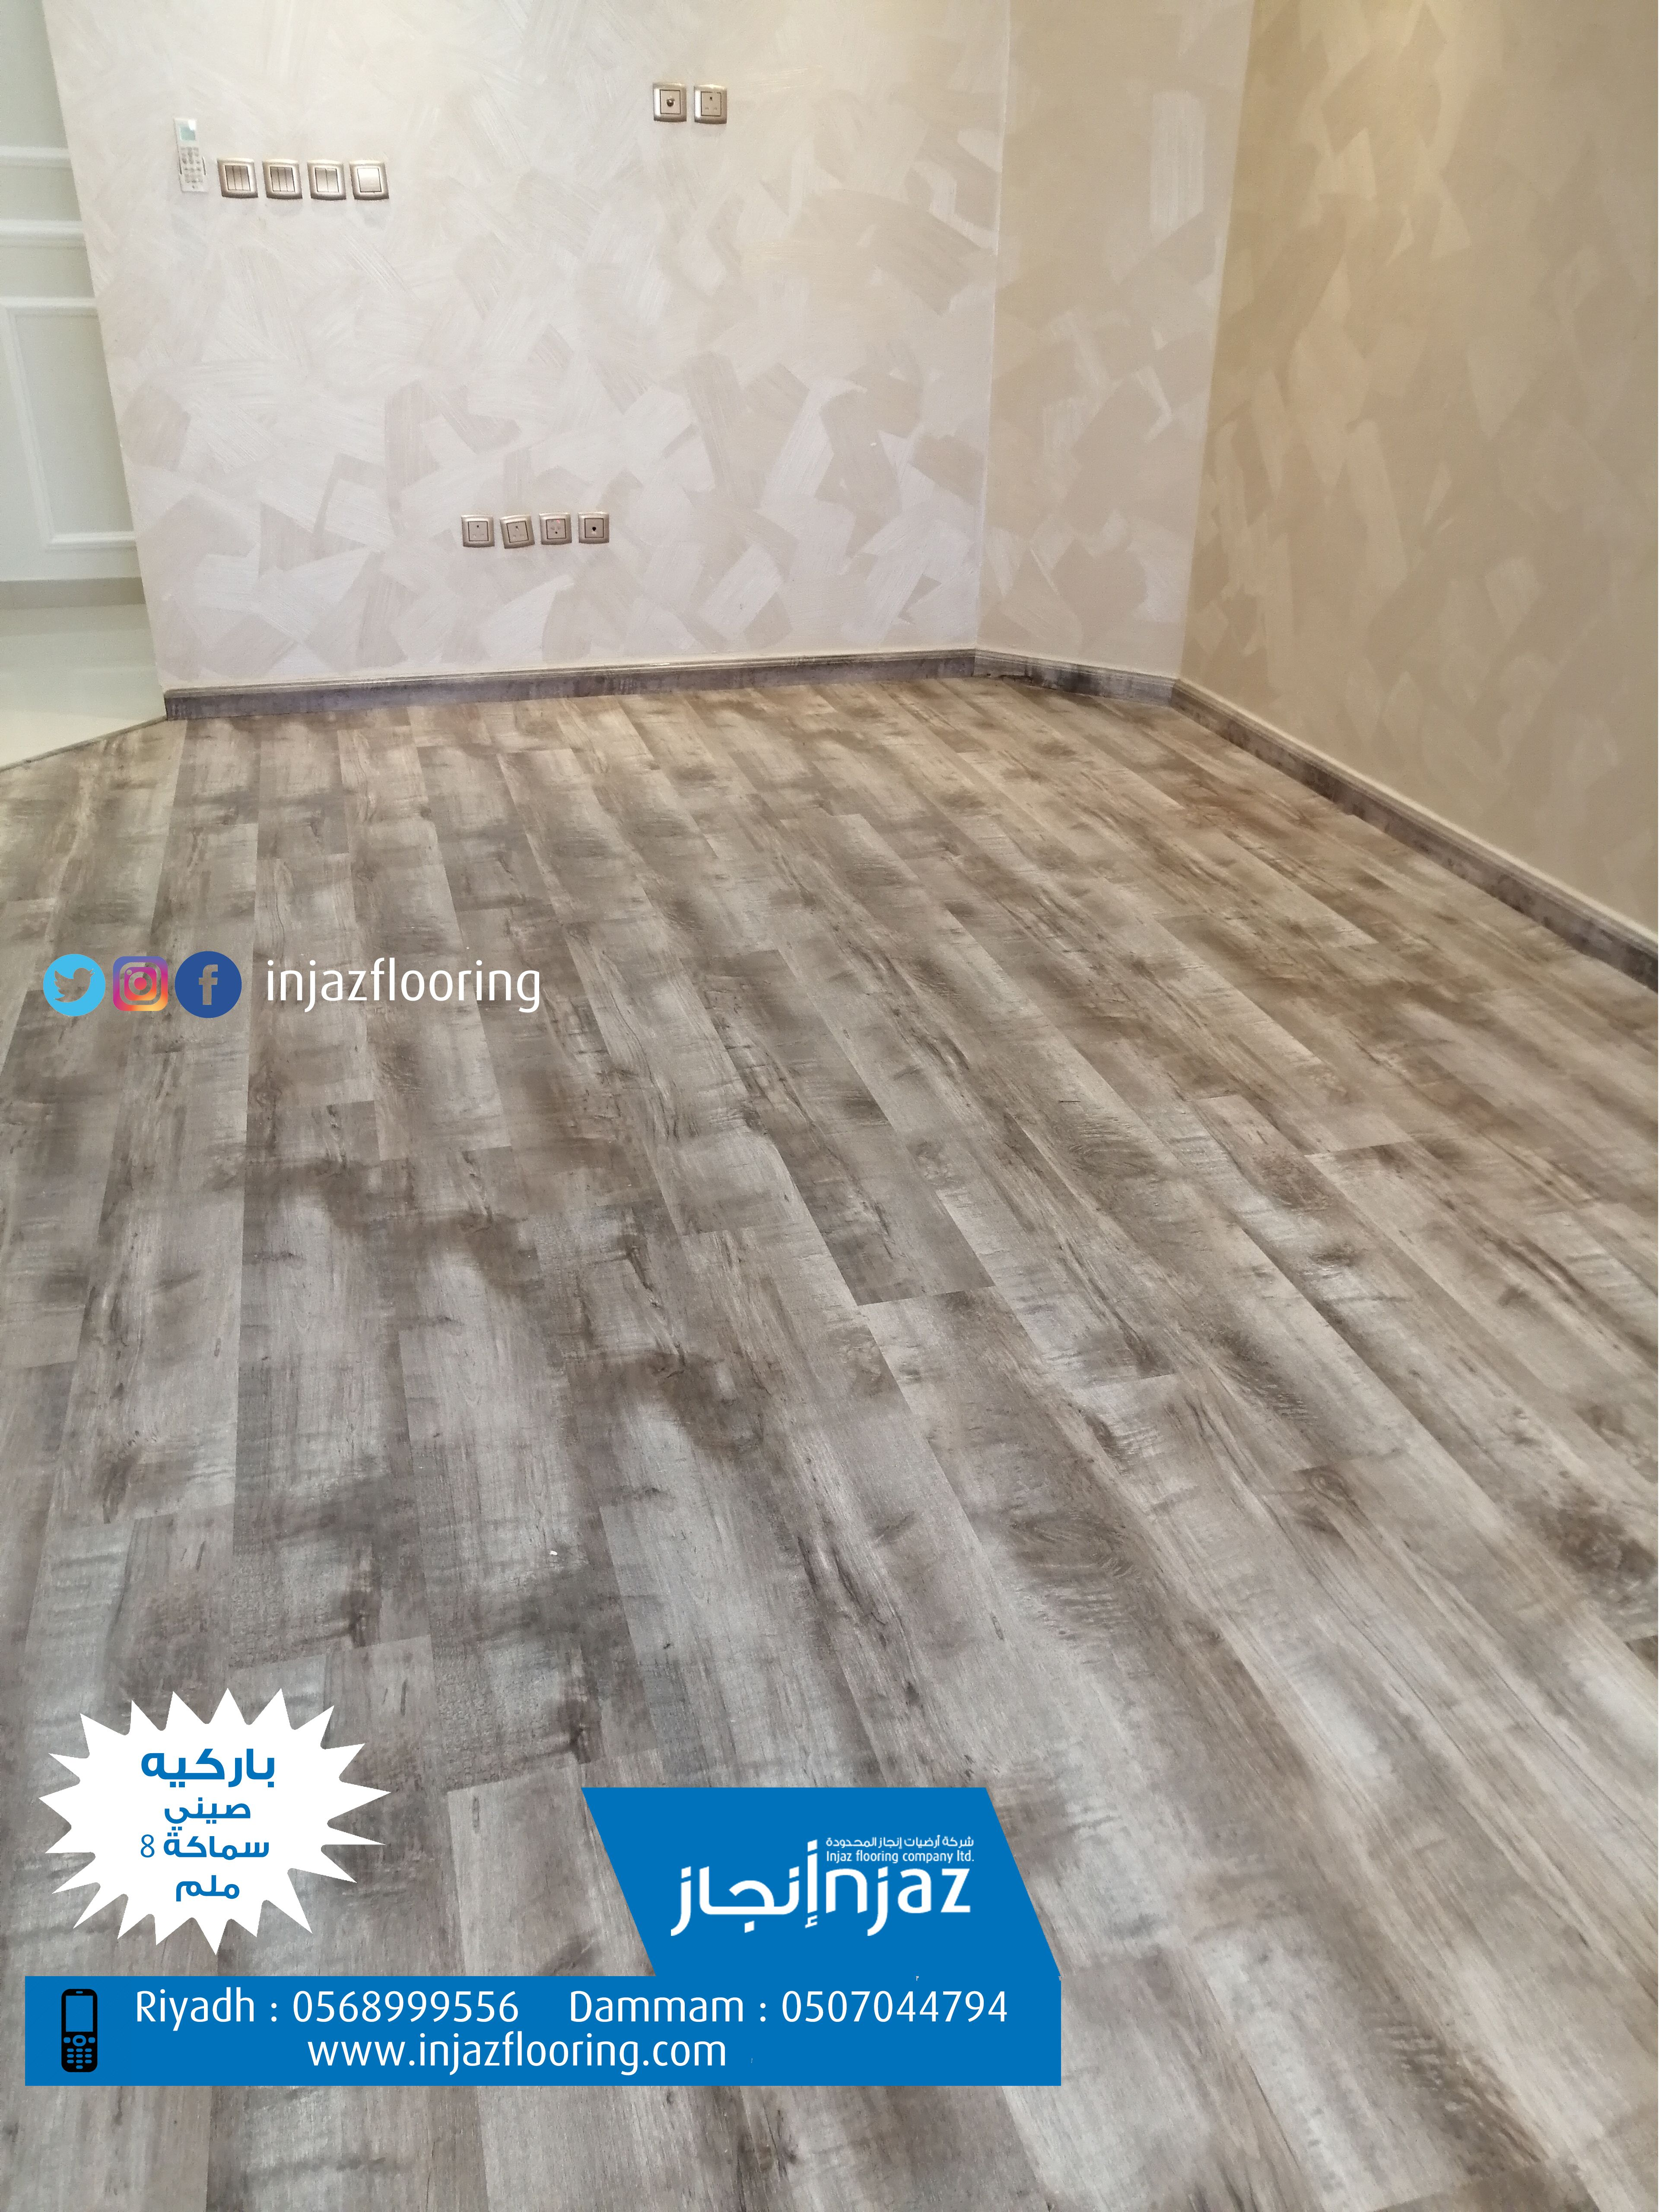 باركيه صيني Wood Laminate Flooring Laminate Flooring Wood Laminate